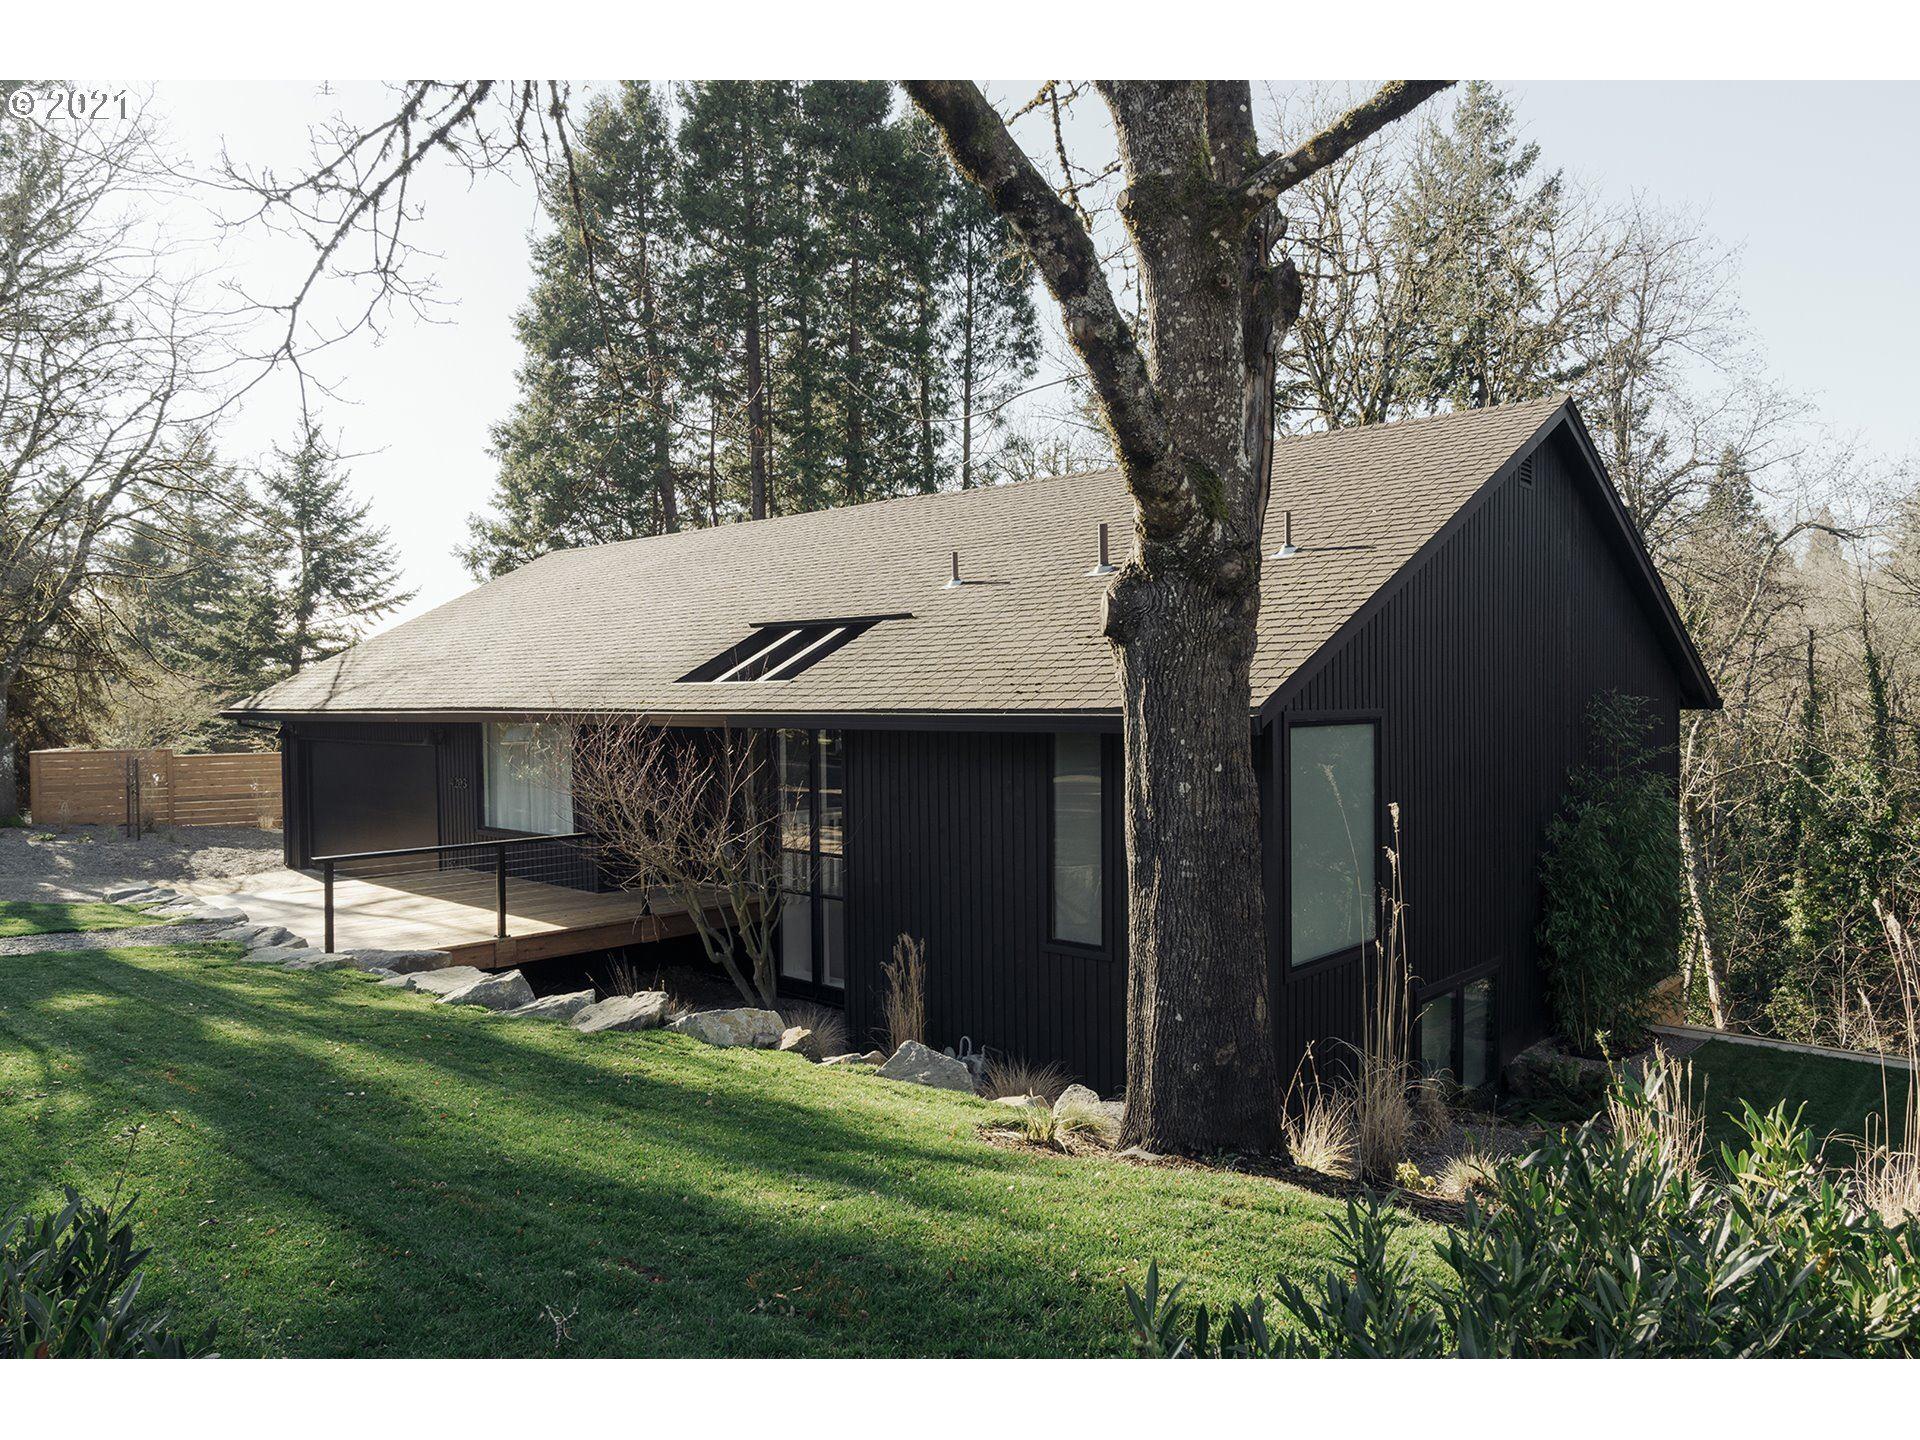 4203 SW 48TH PL, Portland, OR 97221 - MLS#: 21699183